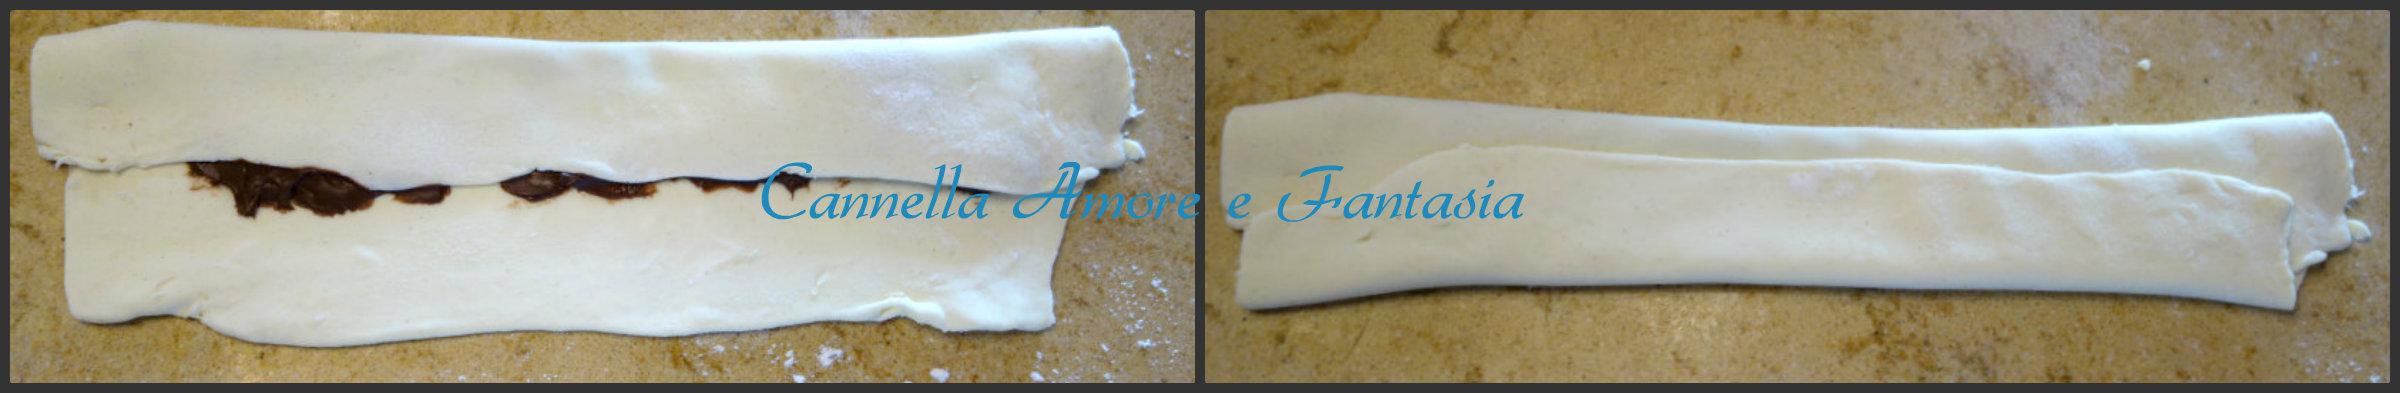 brioche di pasta sfoglia e nutella collage 2 finito